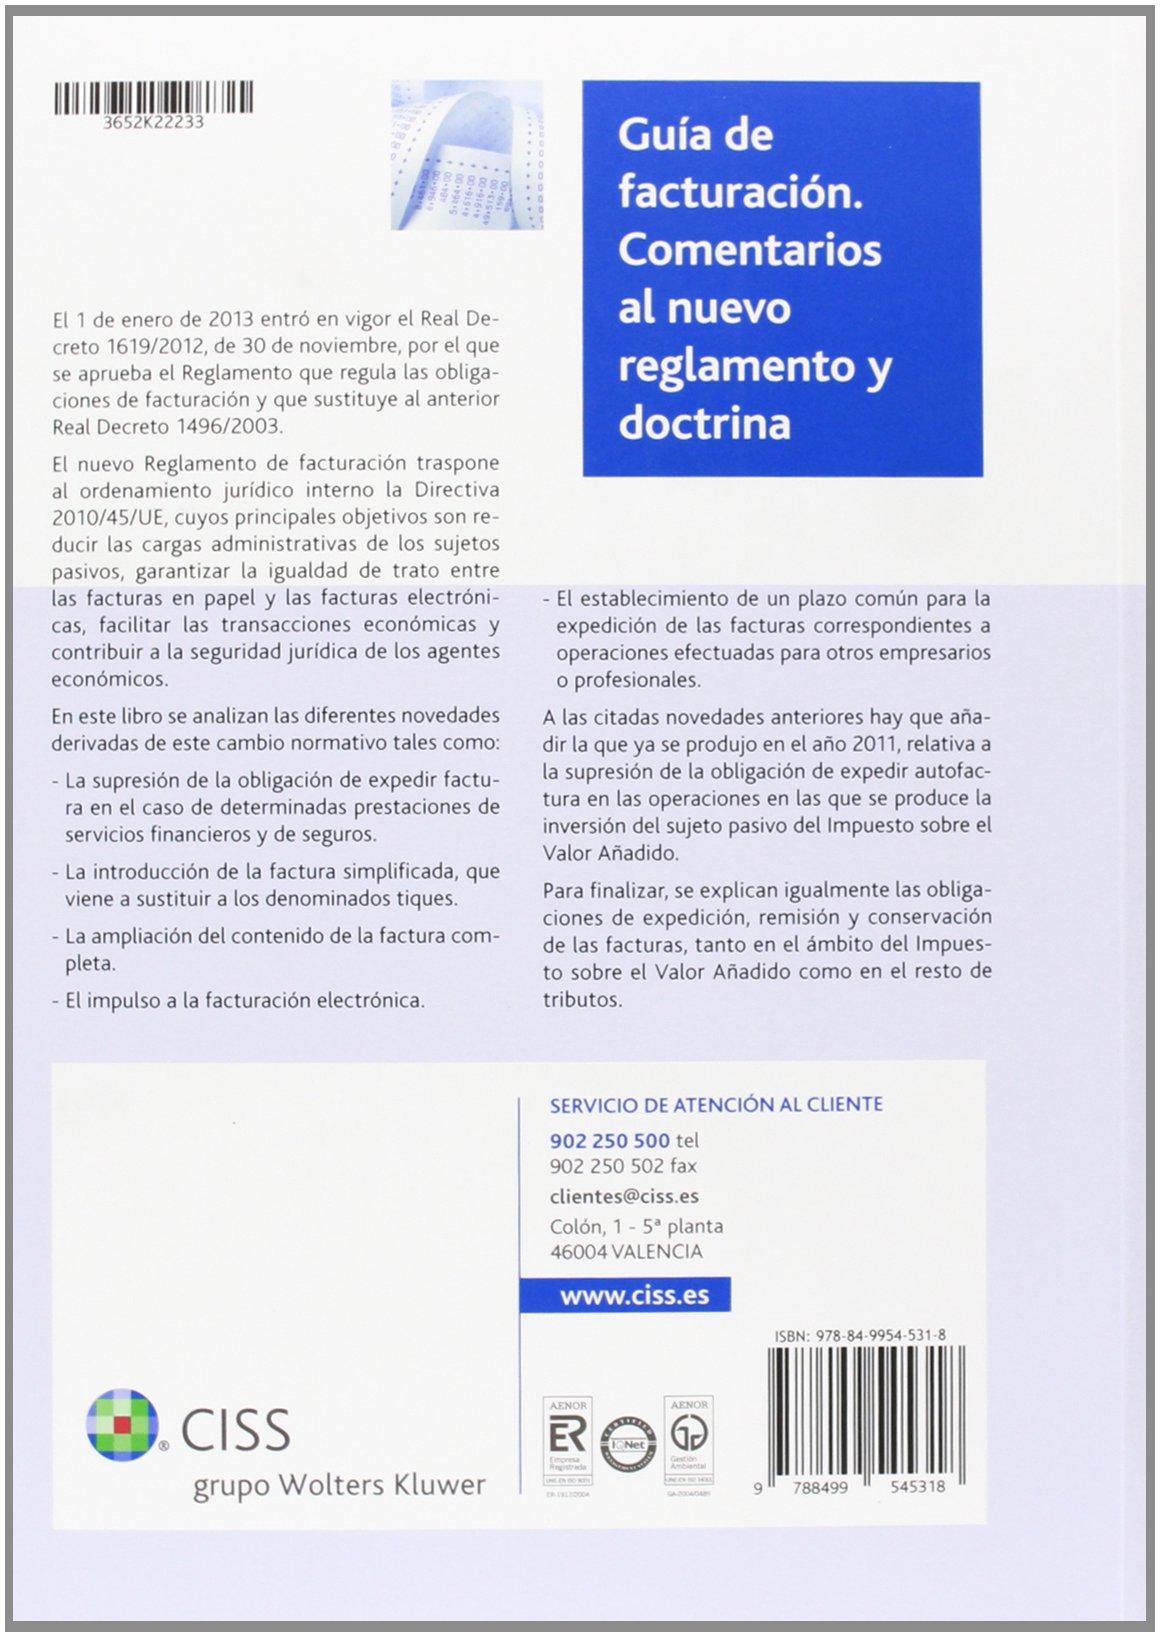 Guía de facturación. Comentarios al nuevo reglamento y doctrina: Amazon.es: José María Peláez Martos: Libros